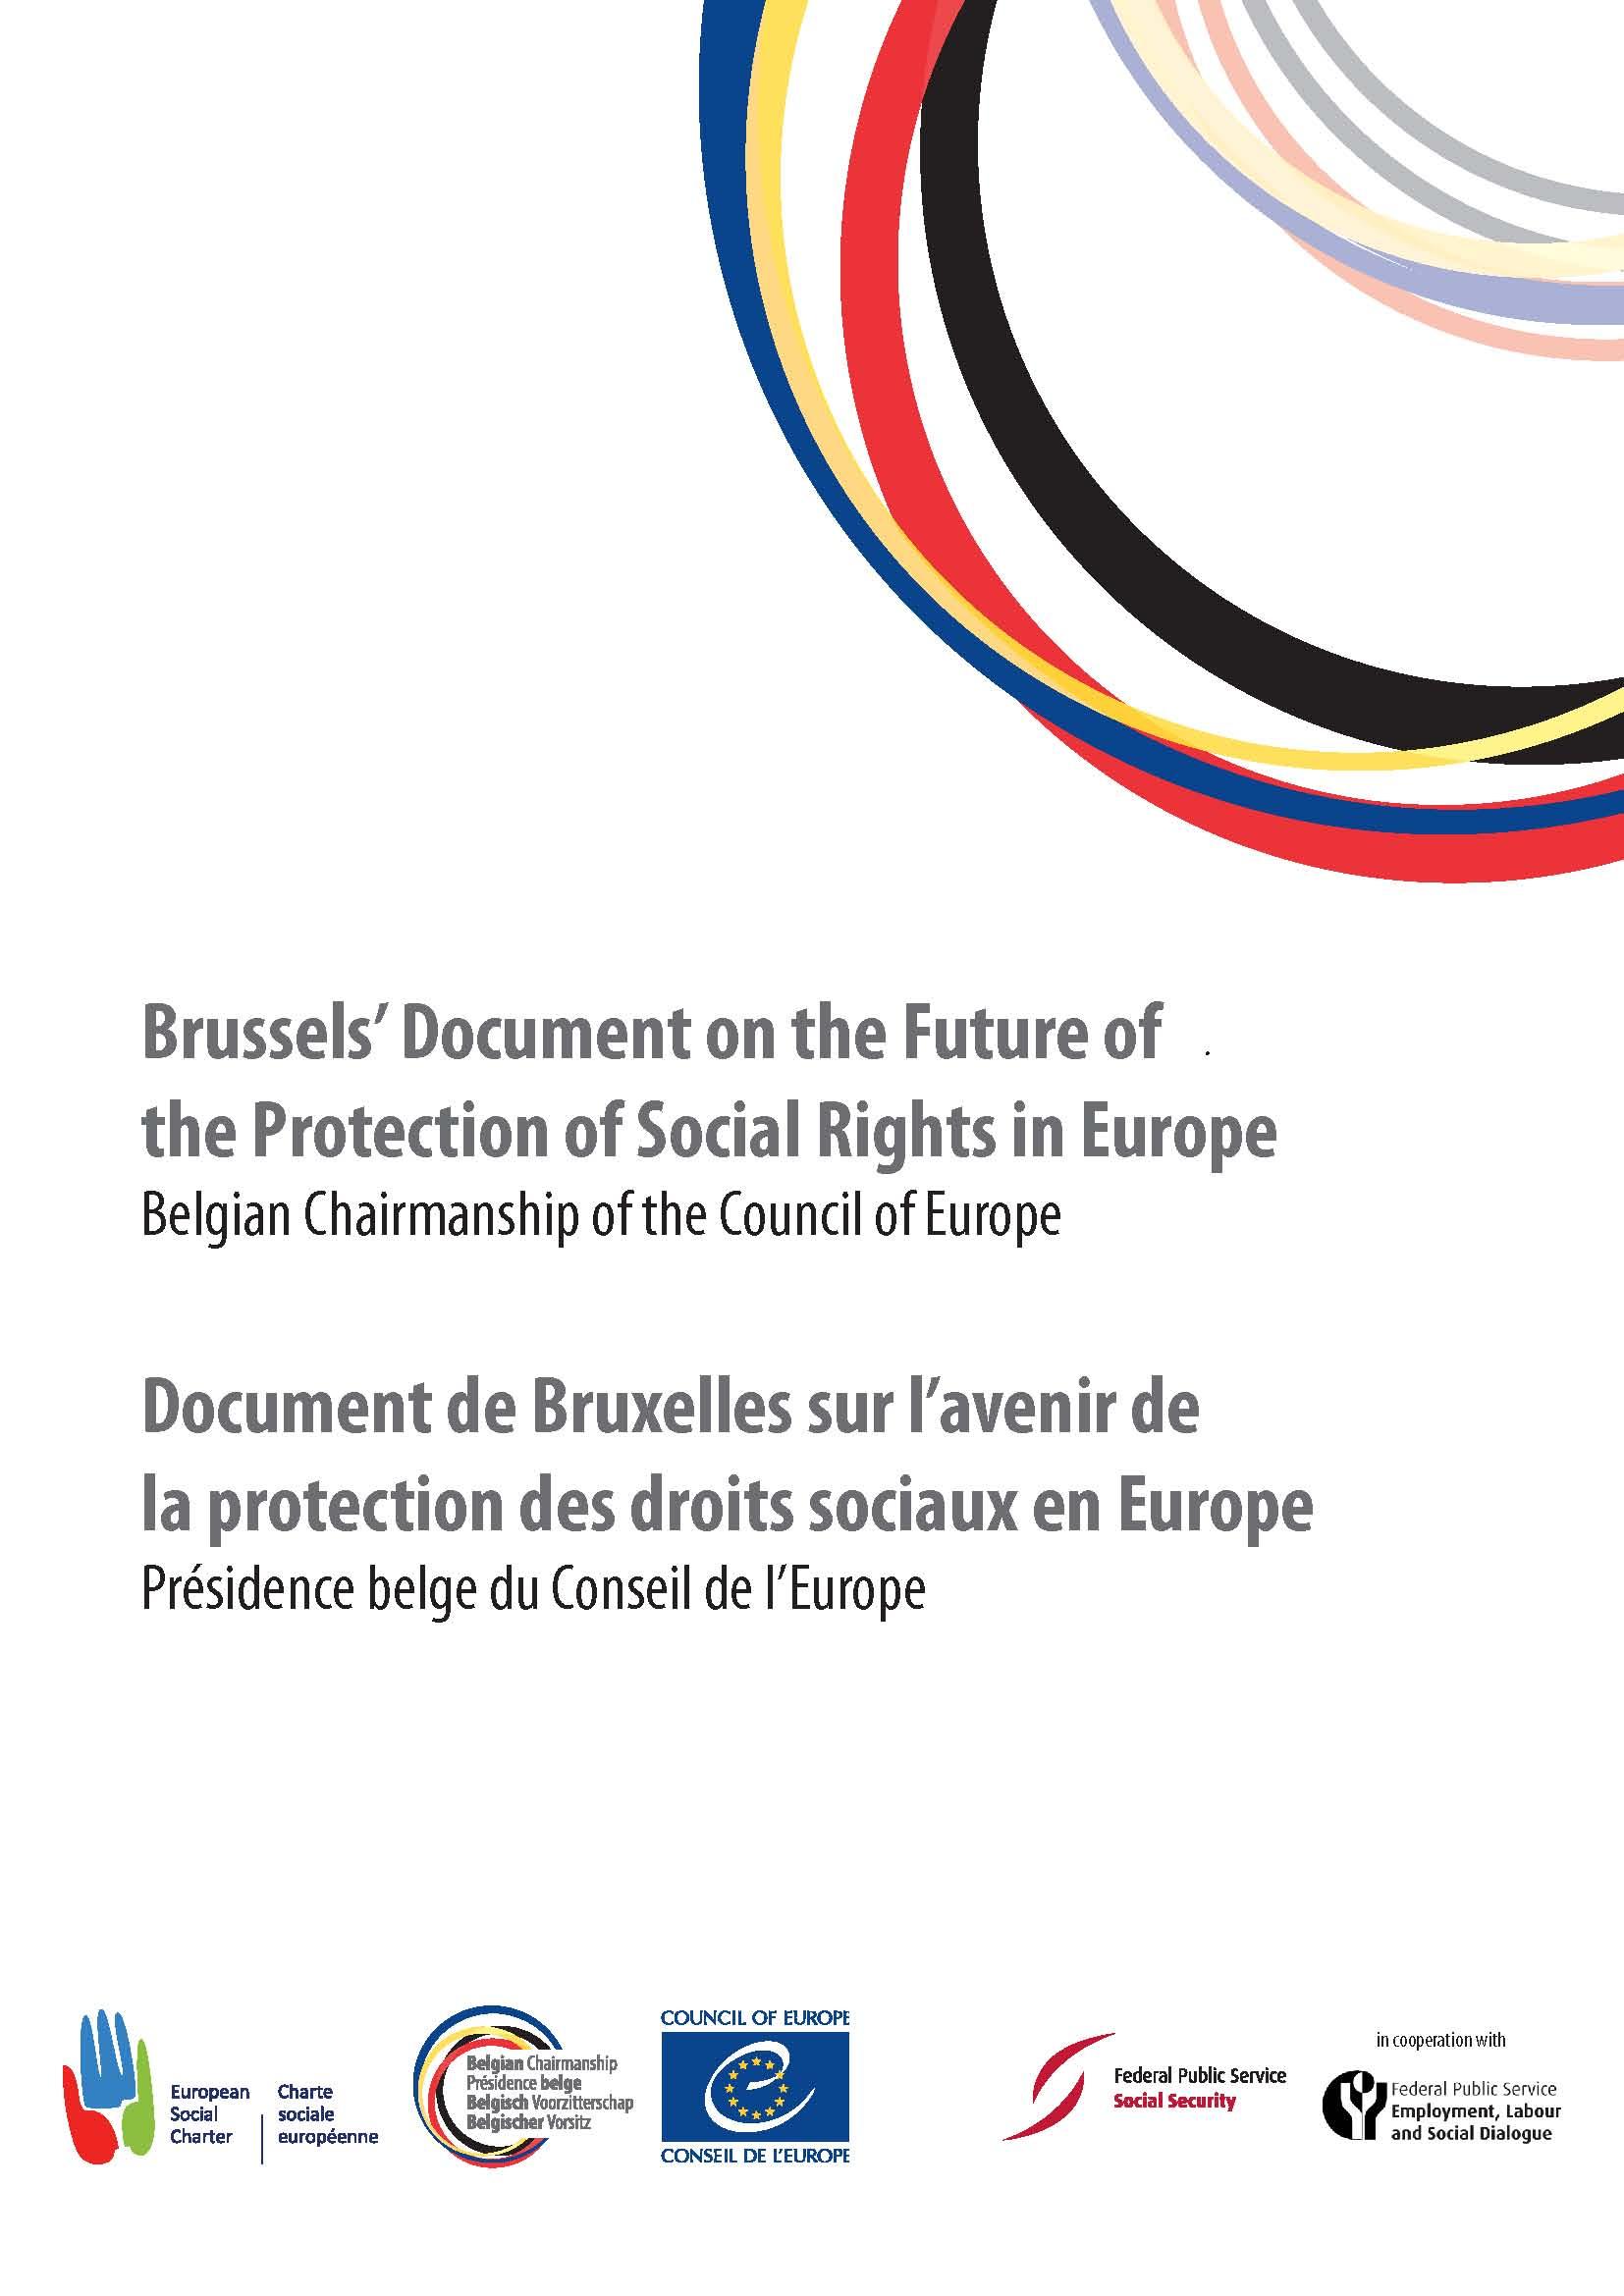 Brussels_Document_Document_de_Bruxelles 1